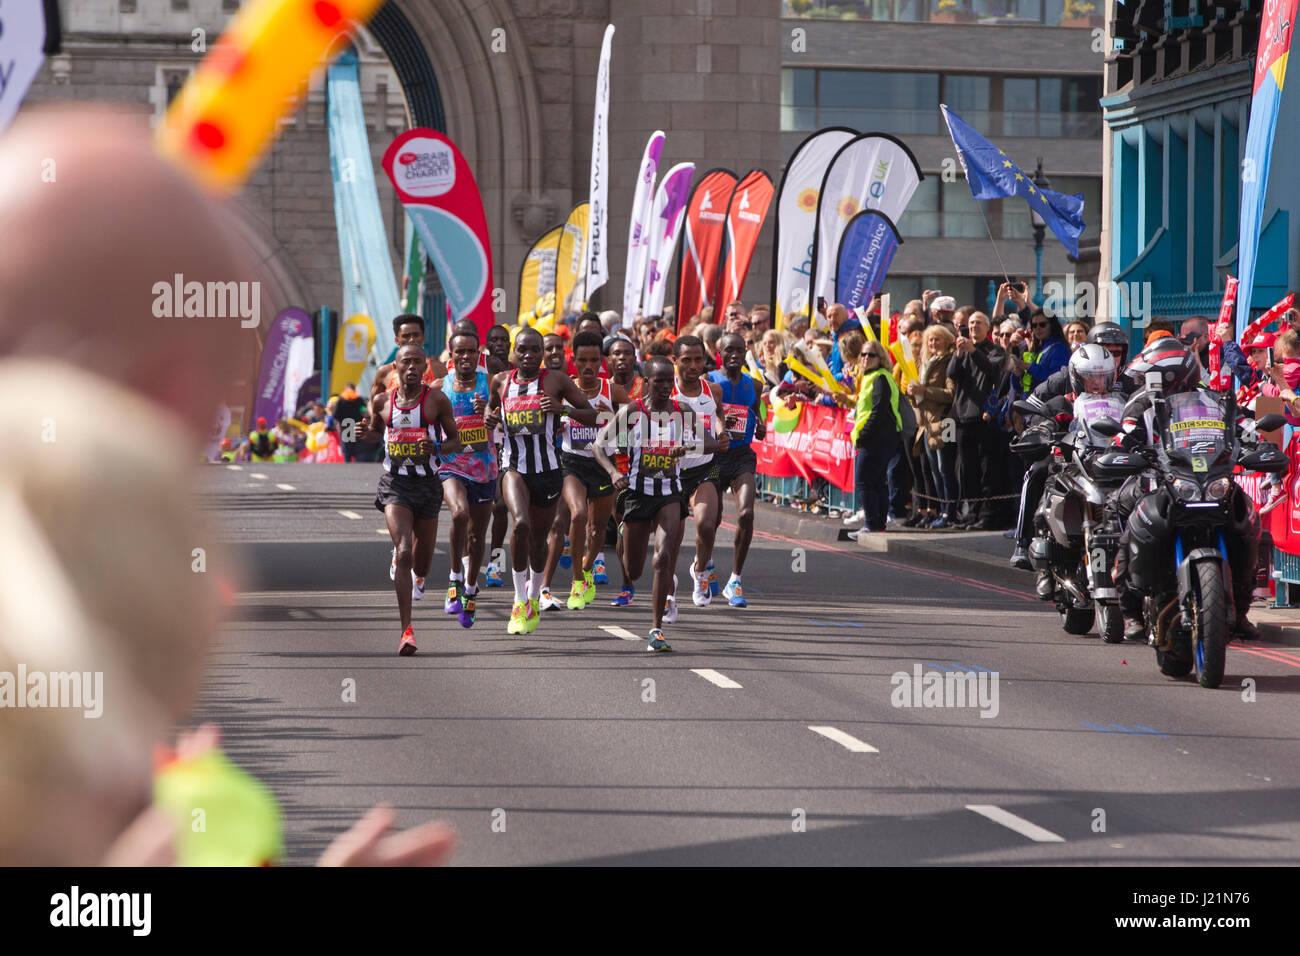 Londres, Royaume-Uni. 23 avril, 2017. MARATHON DE LONDRES 2017. Aujourd'hui quelque 50 000 coureurs sont descendus Photo Stock